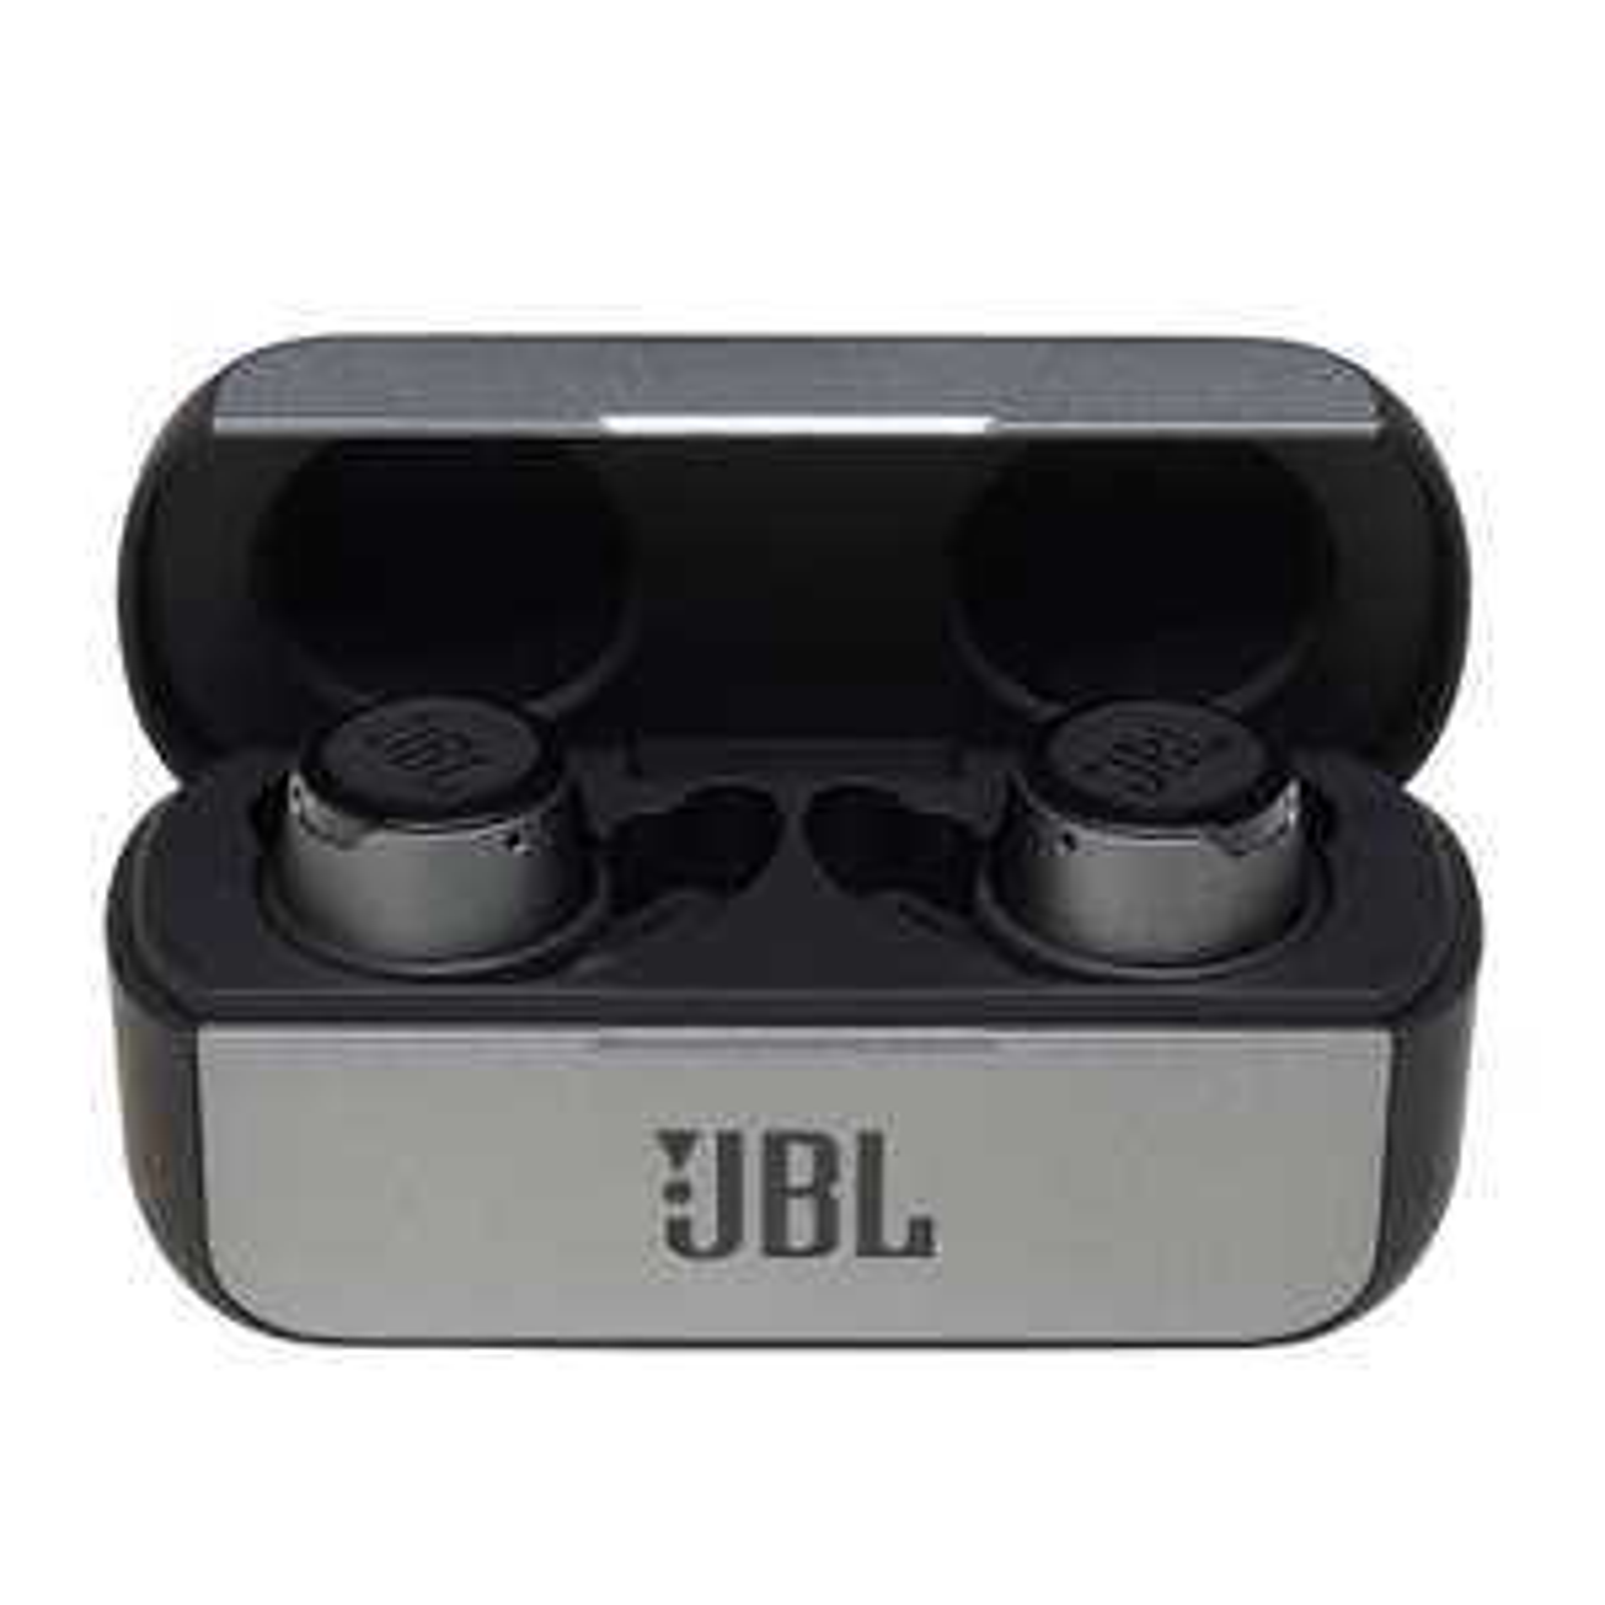 JBL Reflect Flow In-Ear True Wireless Headphones - £62.99 using Vouchercloud code (£55.99 for STUDENTS via UNIDAYS) @ JBL